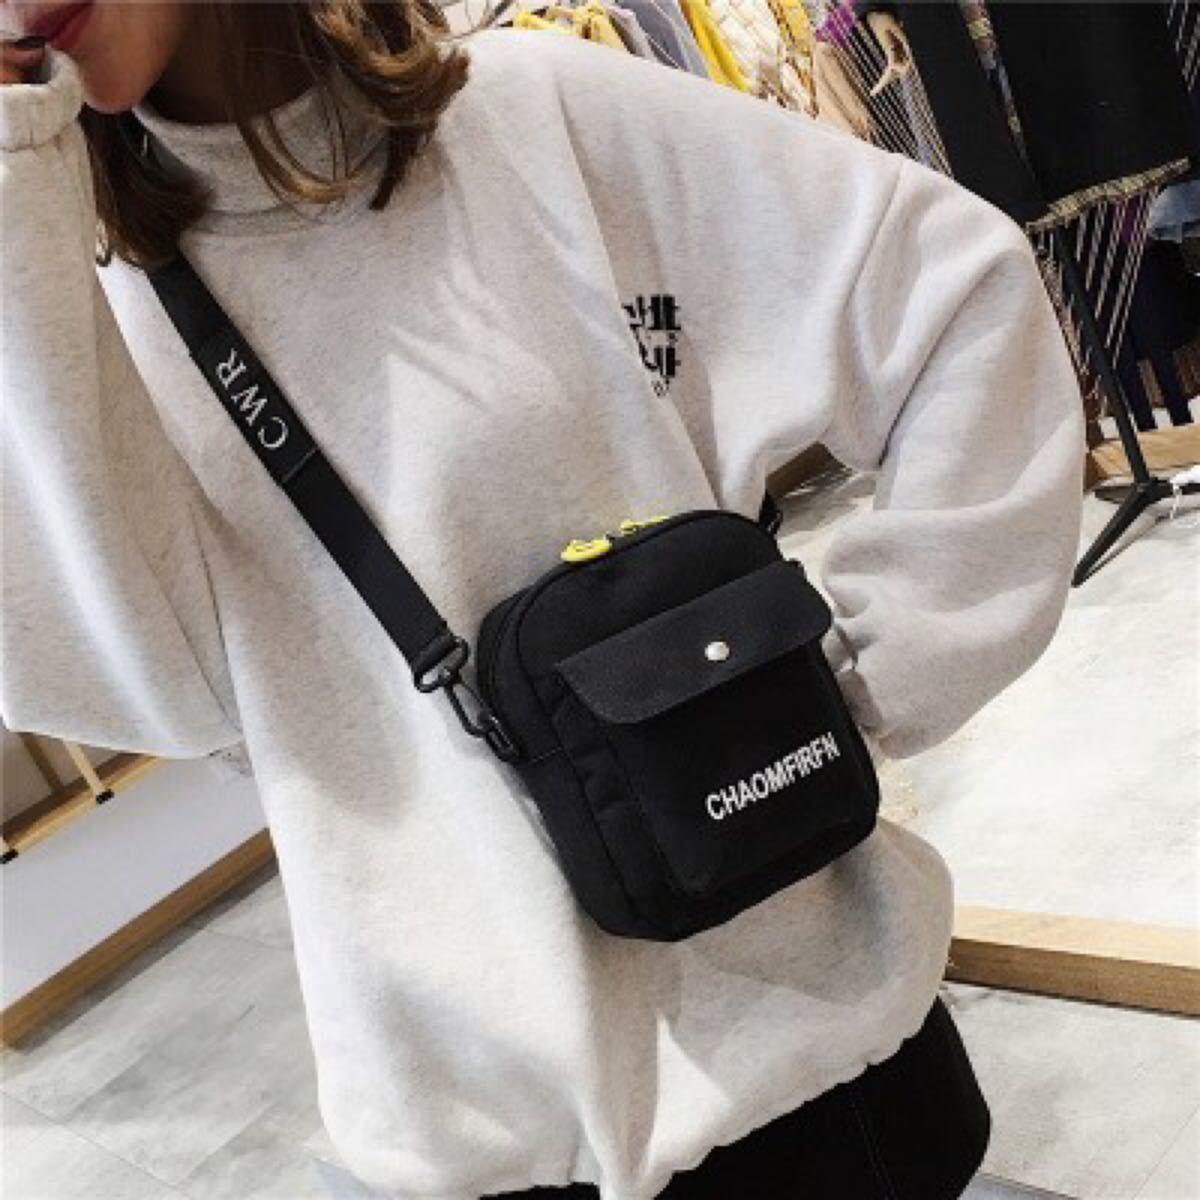 ショルダーバッグ 新品未使用 レディース メンズ ミニショルダーバッグ 黒 韓国 ロゴ入り コンパクト カジュアル